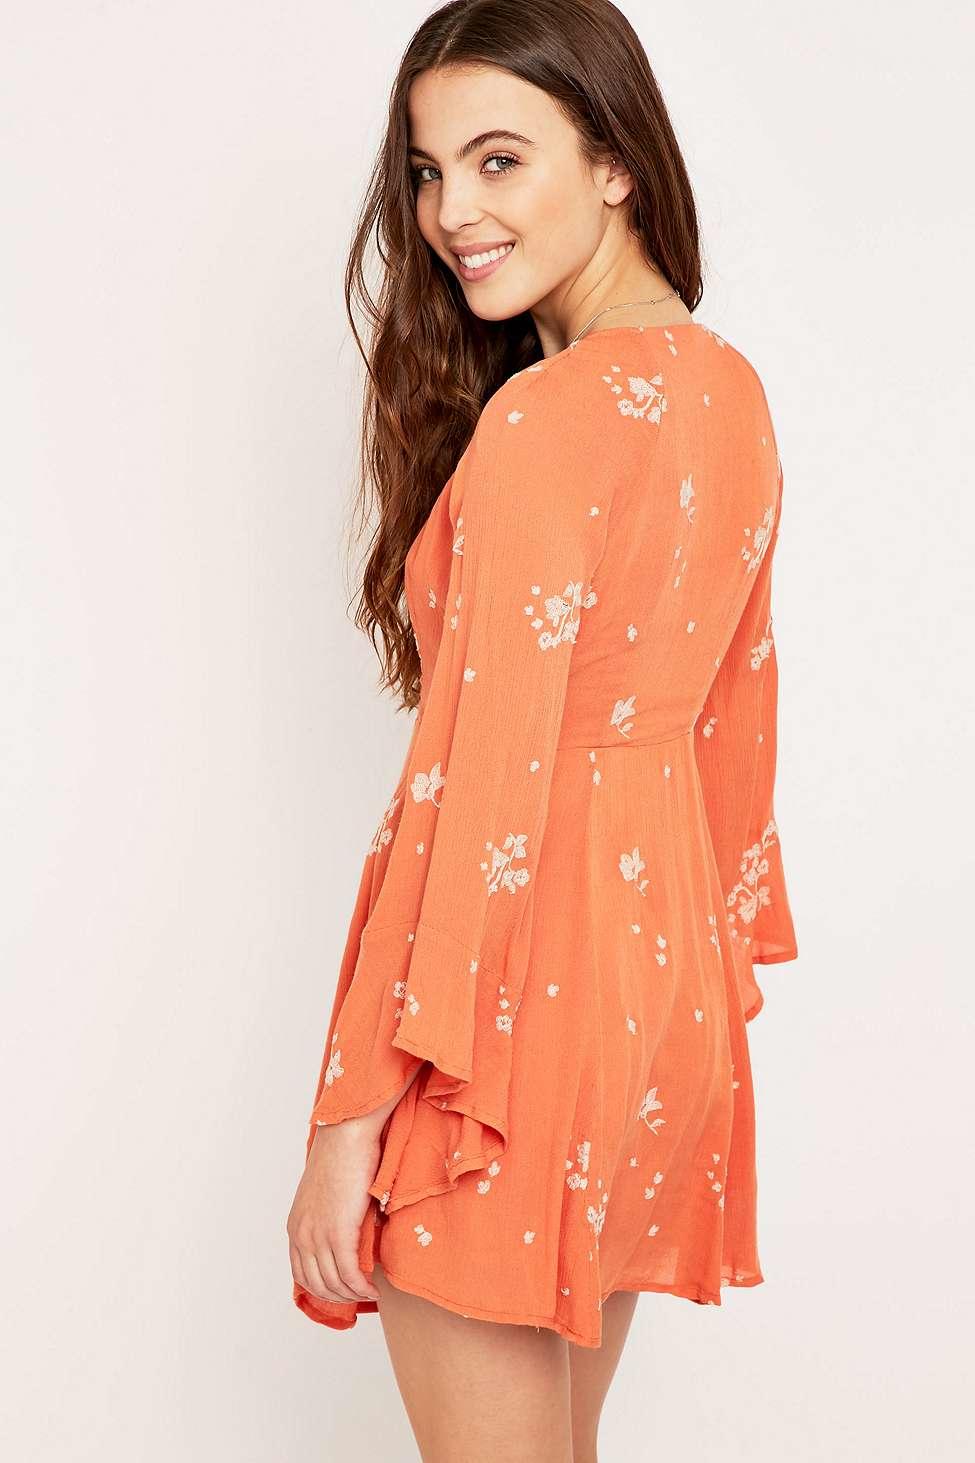 Free People Jasmine Embroidered Mini Dress In Orange